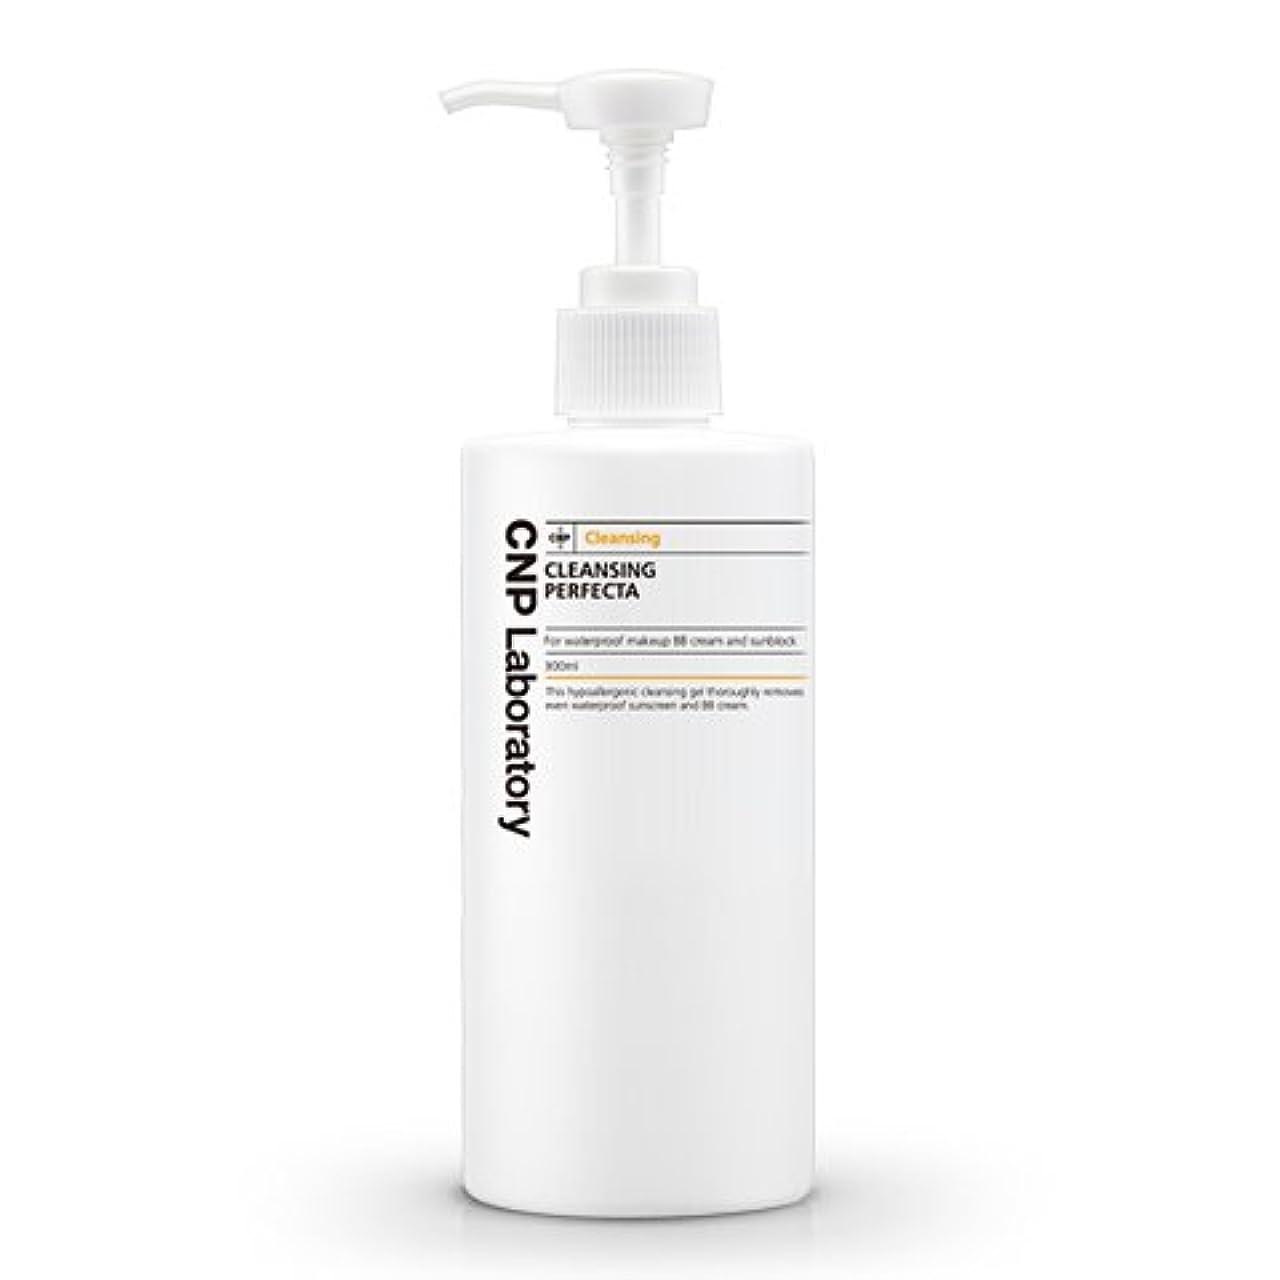 バッグライバル認識CNP Laboratory クレンジングパーフェクタ/Cleansing Perfecta 300ml [並行輸入品]